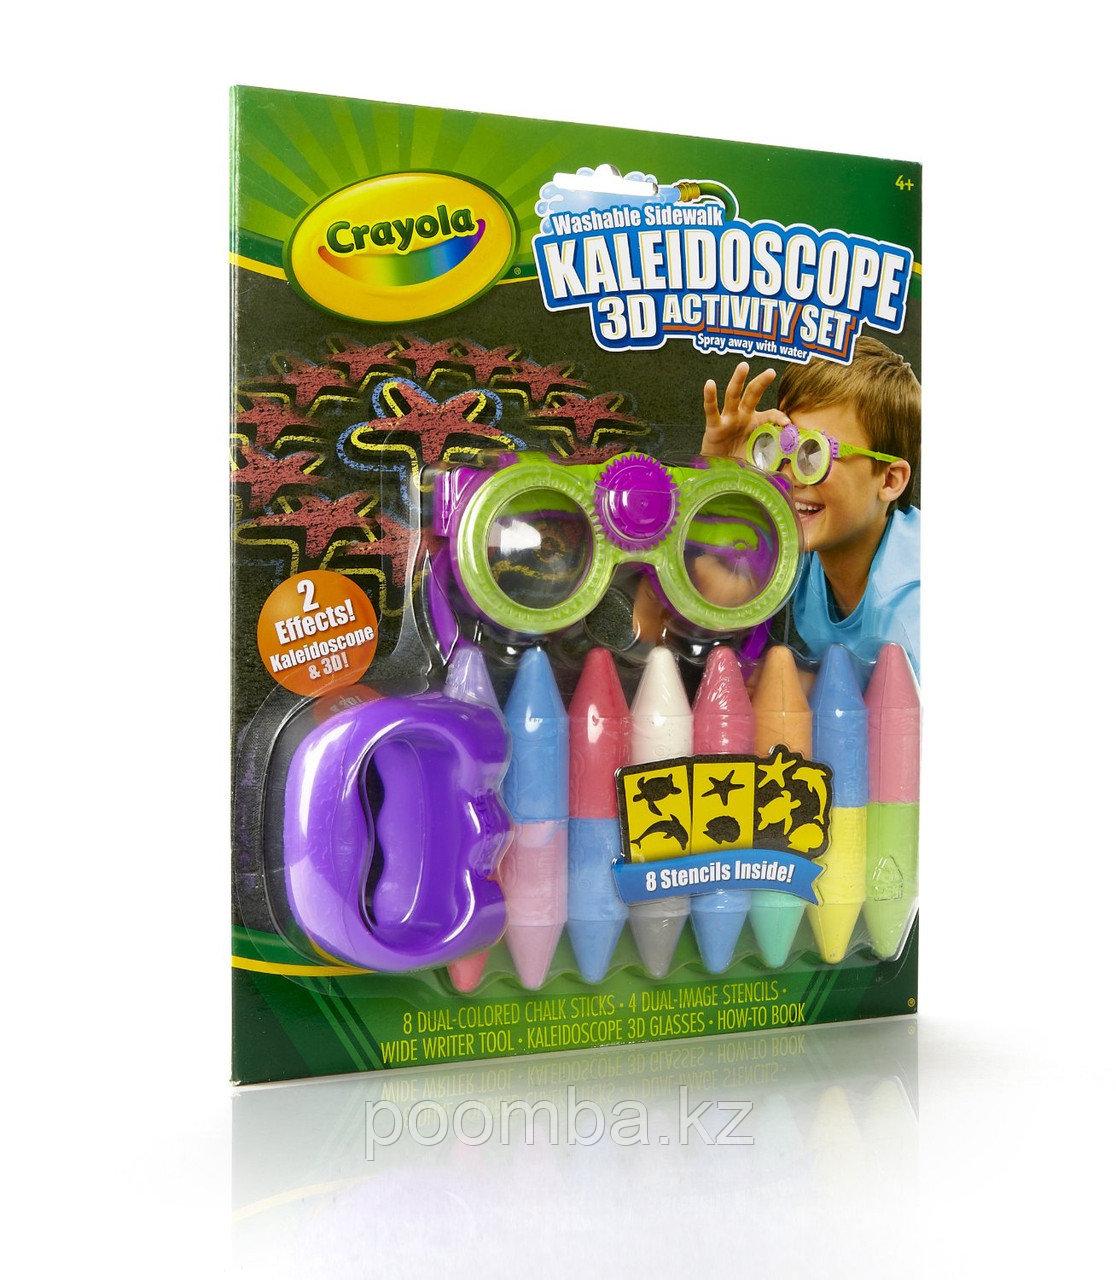 Цветные мелки для асфальта и досок с 3D-эффектом, Волшебный Калейдоскоп